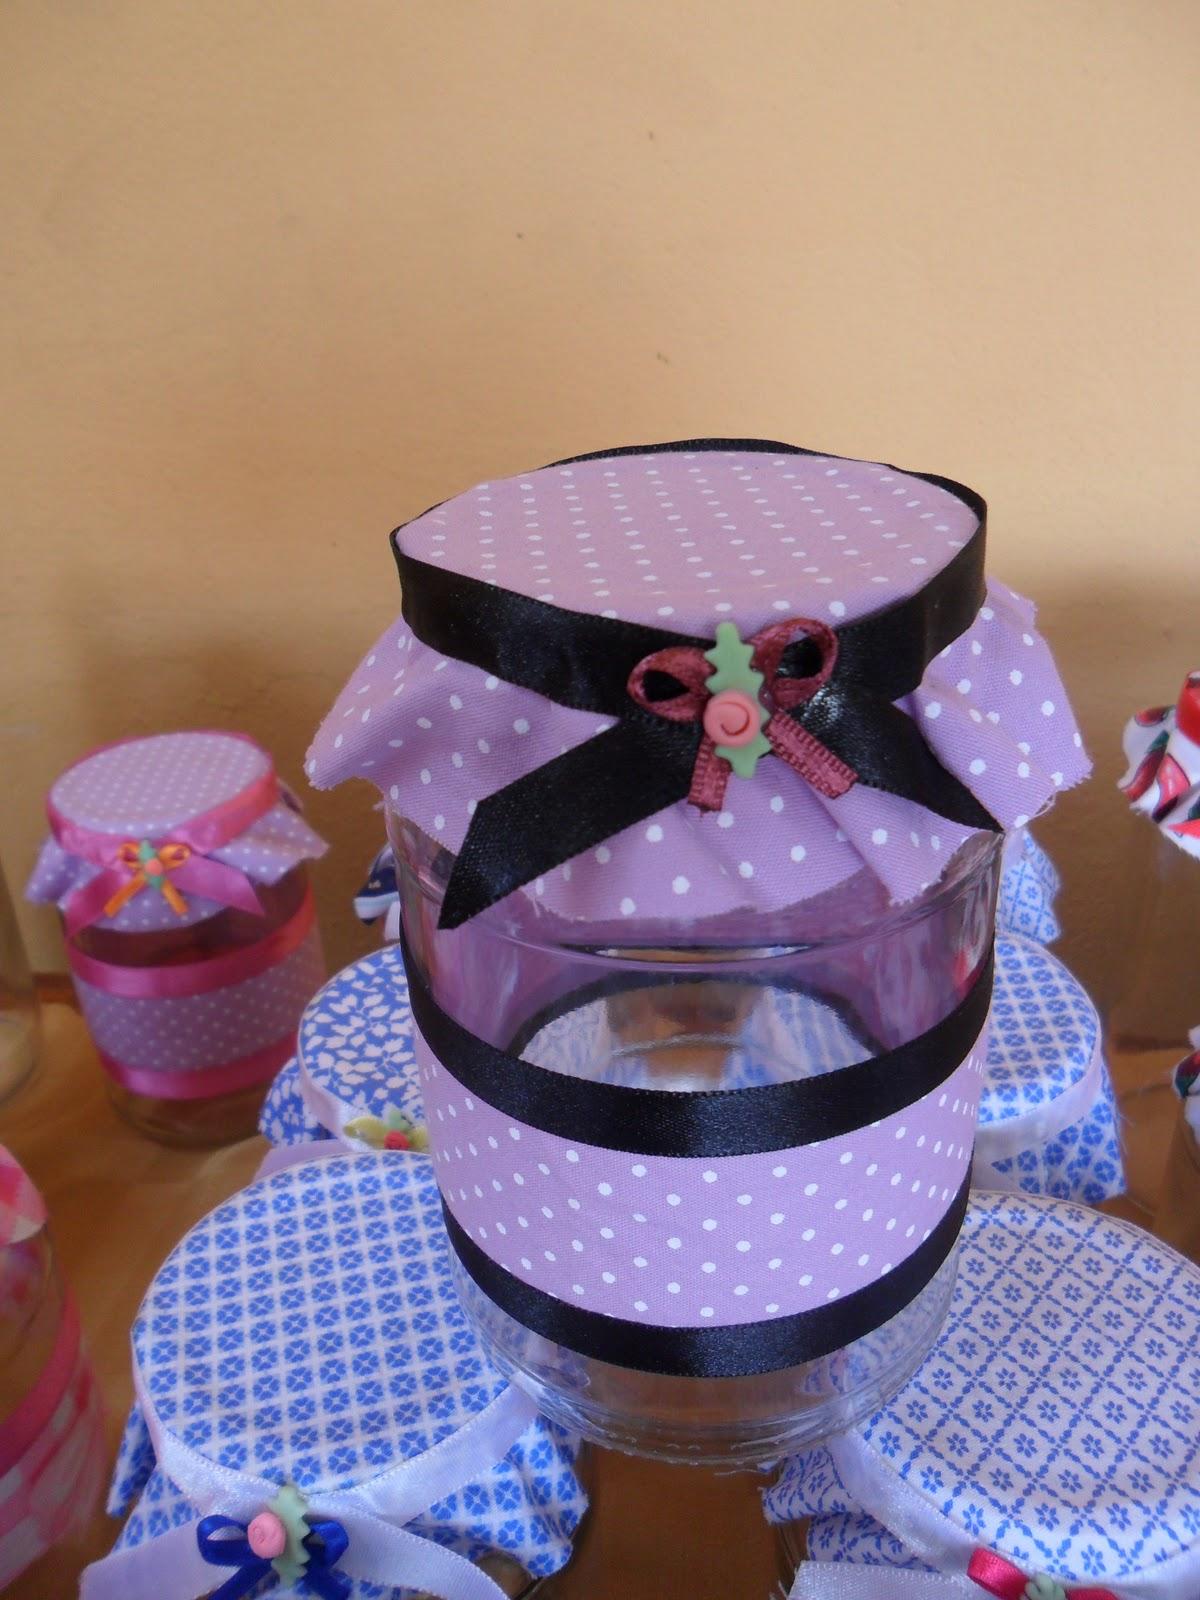 #373D94 IDEIAS DE GABYZYNHA: Potes de vidro decorados com tecido 1560 Vidros De Janelas Decorados